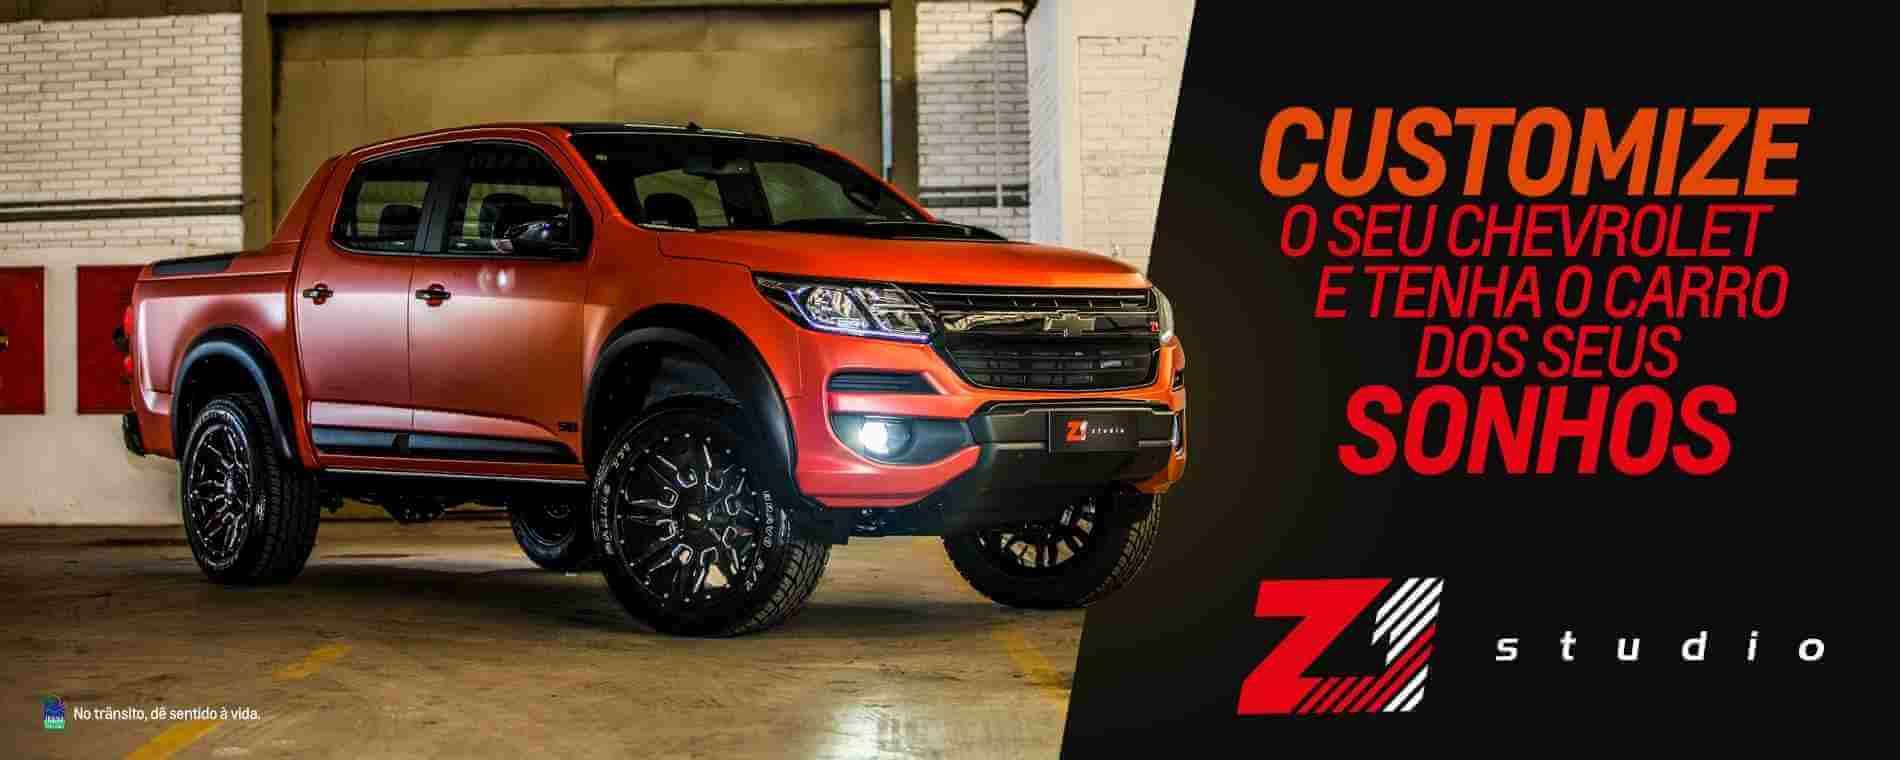 Customize o seu Chevrolet na Zacarias